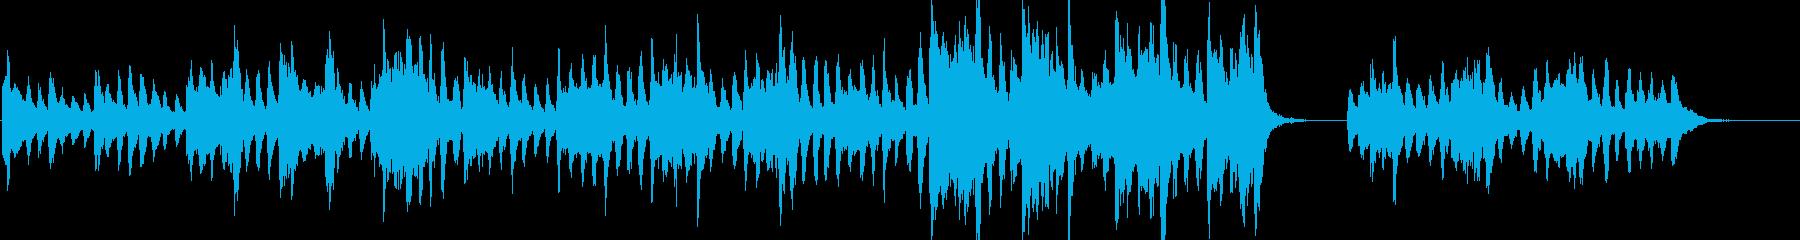 オーケストラ楽器。風格のある、エレ...の再生済みの波形